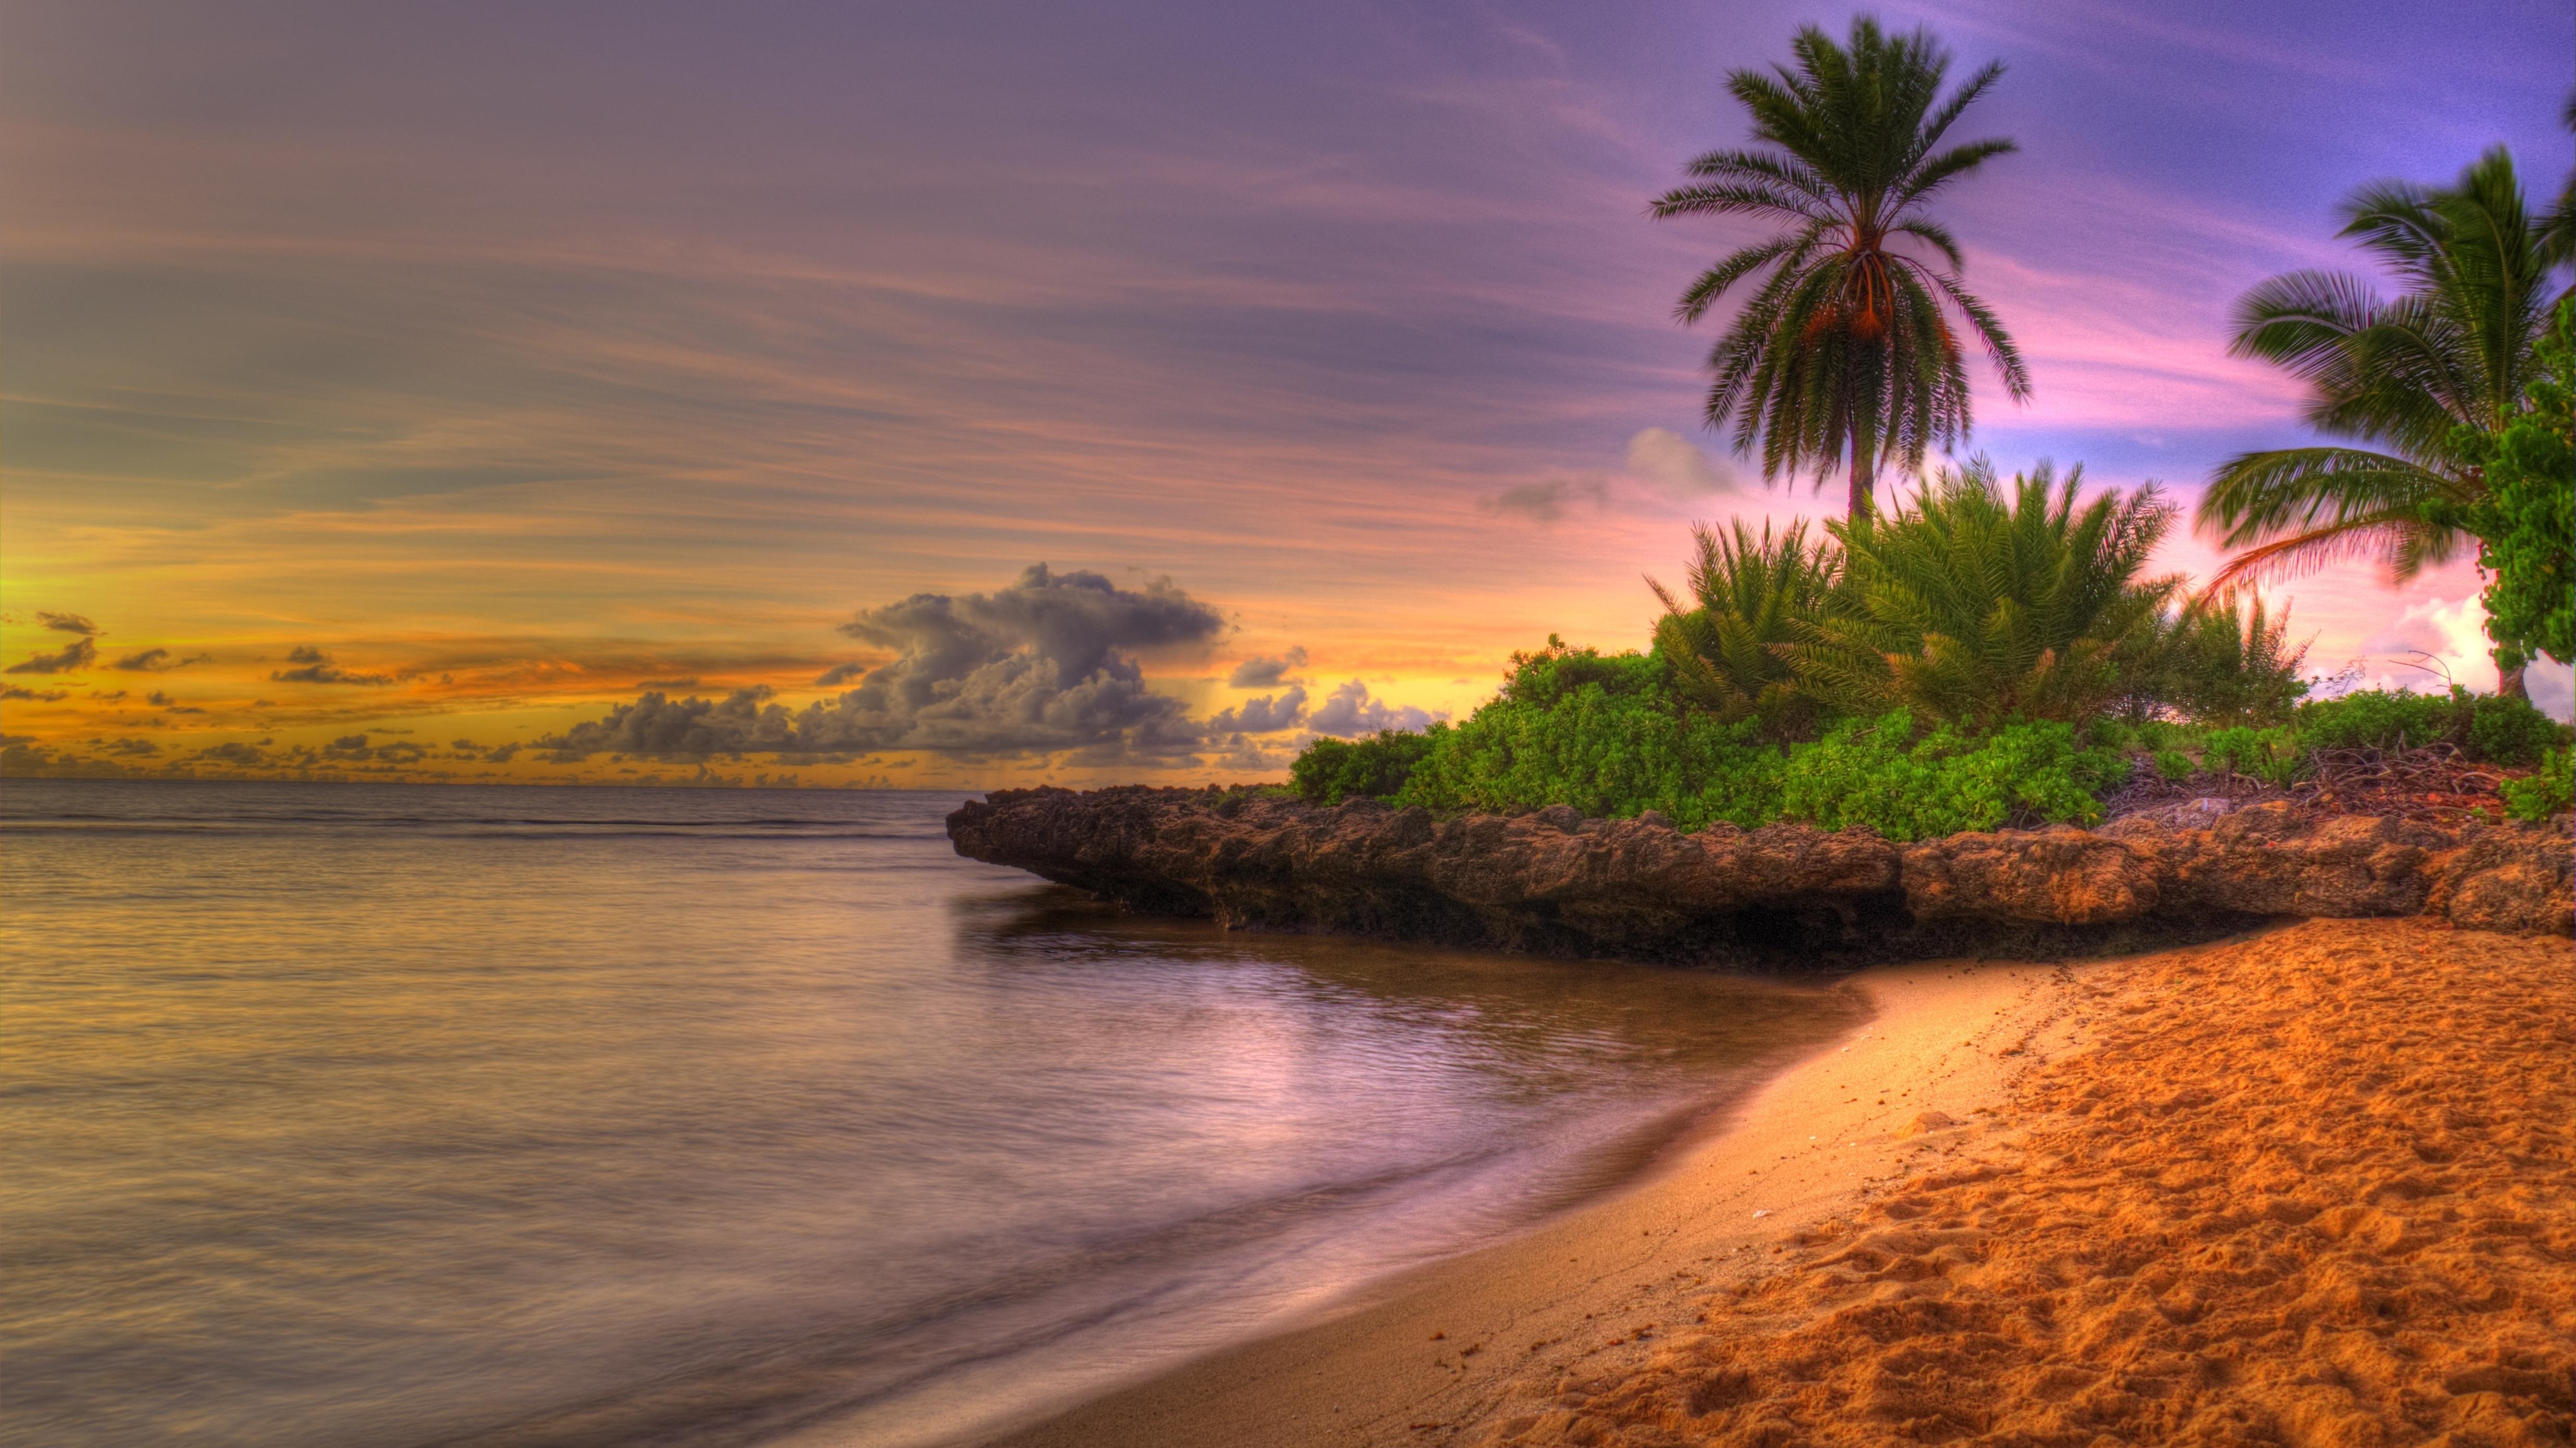 природа деревья море солнце горизонт вечер бесплатно